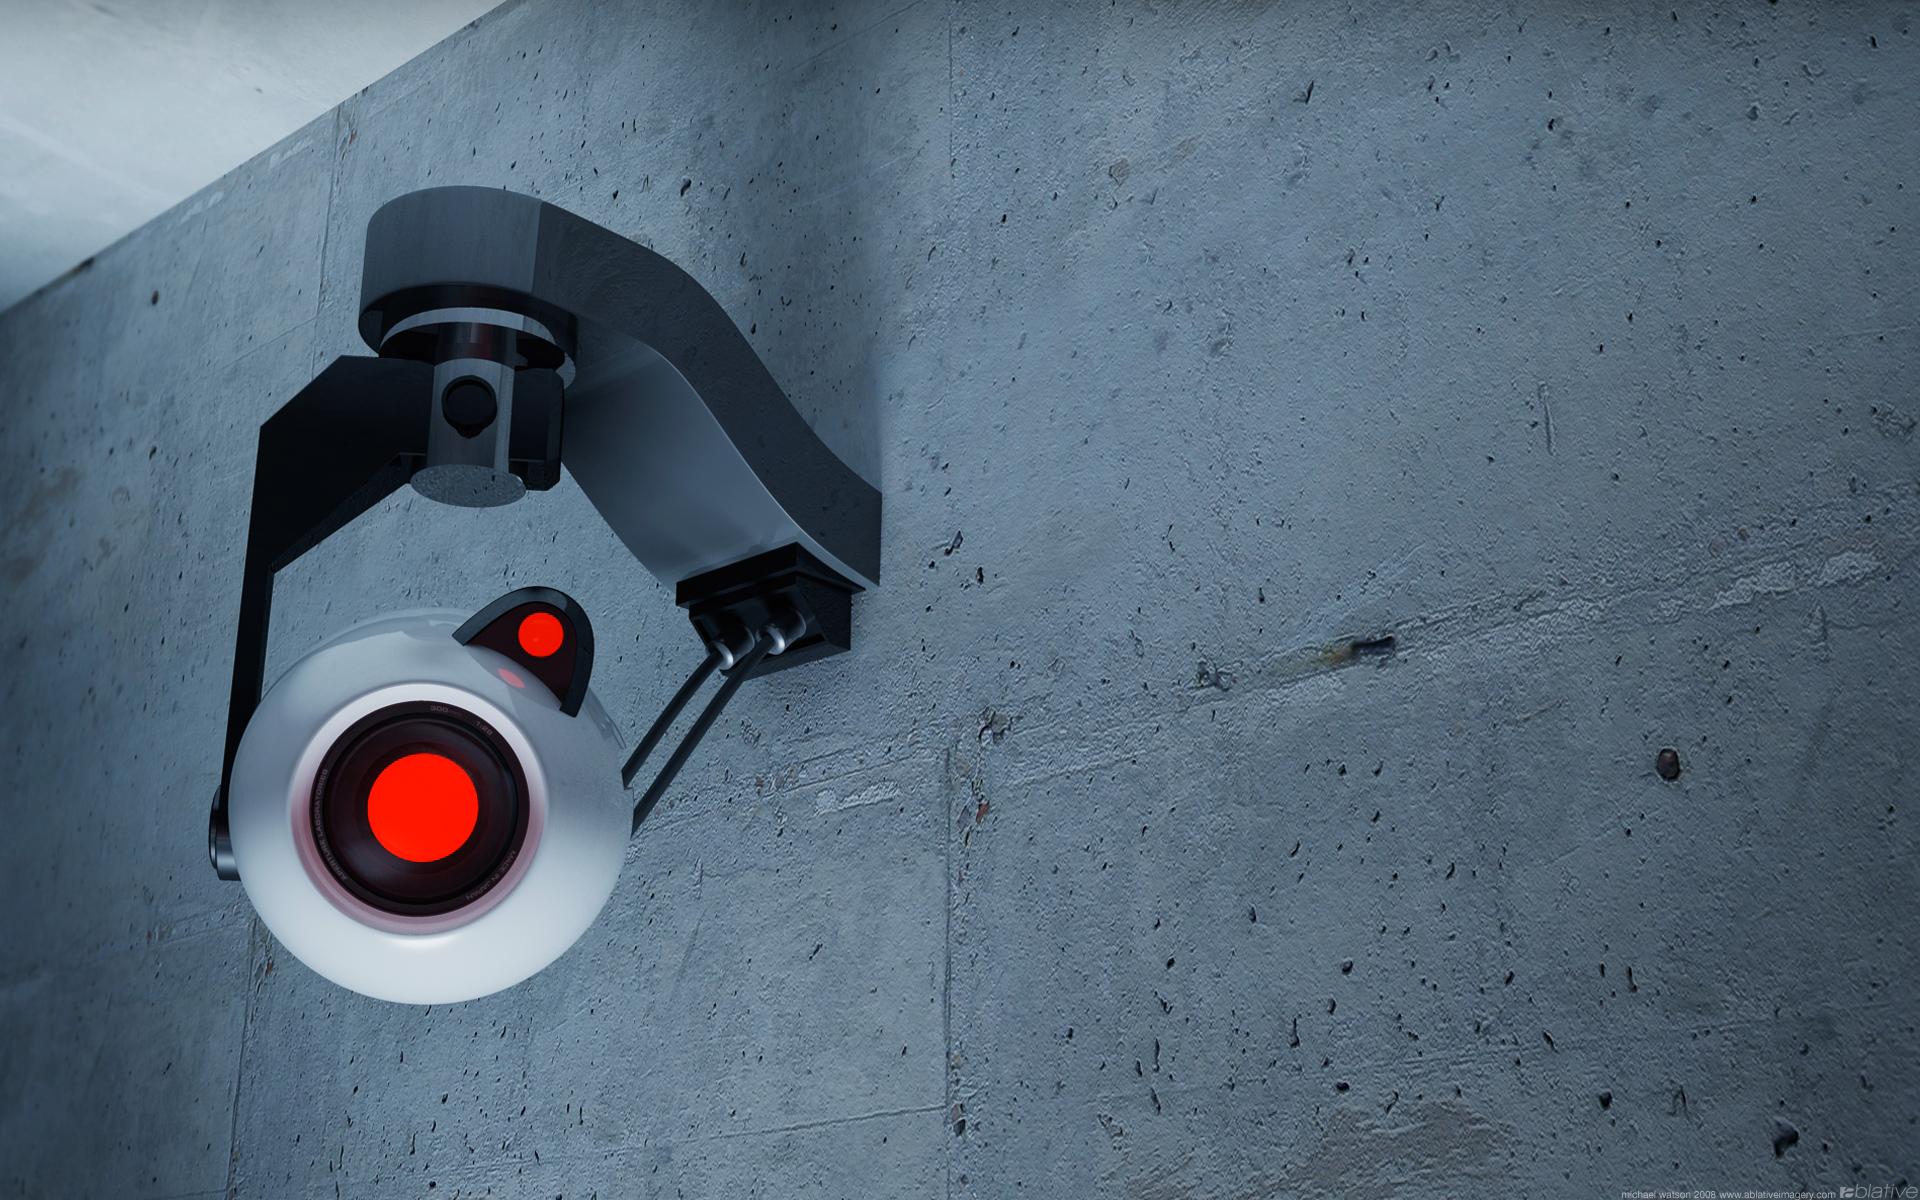 Security Camera Wallpaper 1920x1200